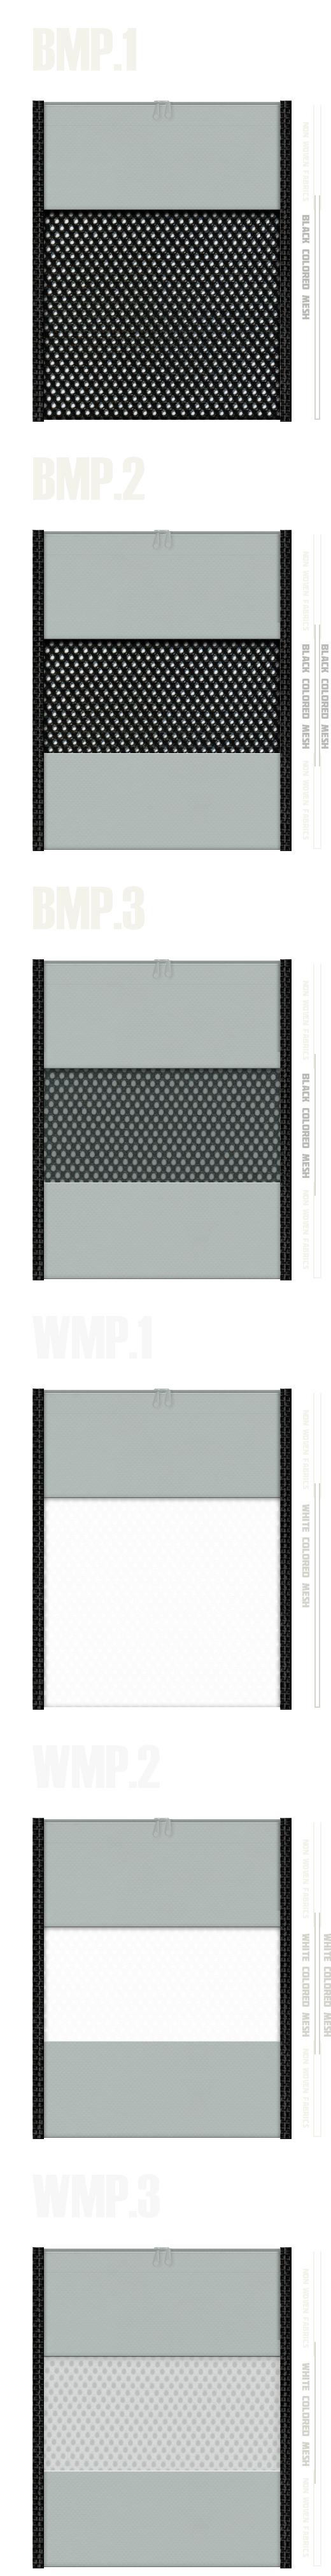 メッシュポーチのカラーシミュレーション:黒色・白色メッシュとグレー色不織布の組み合わせ